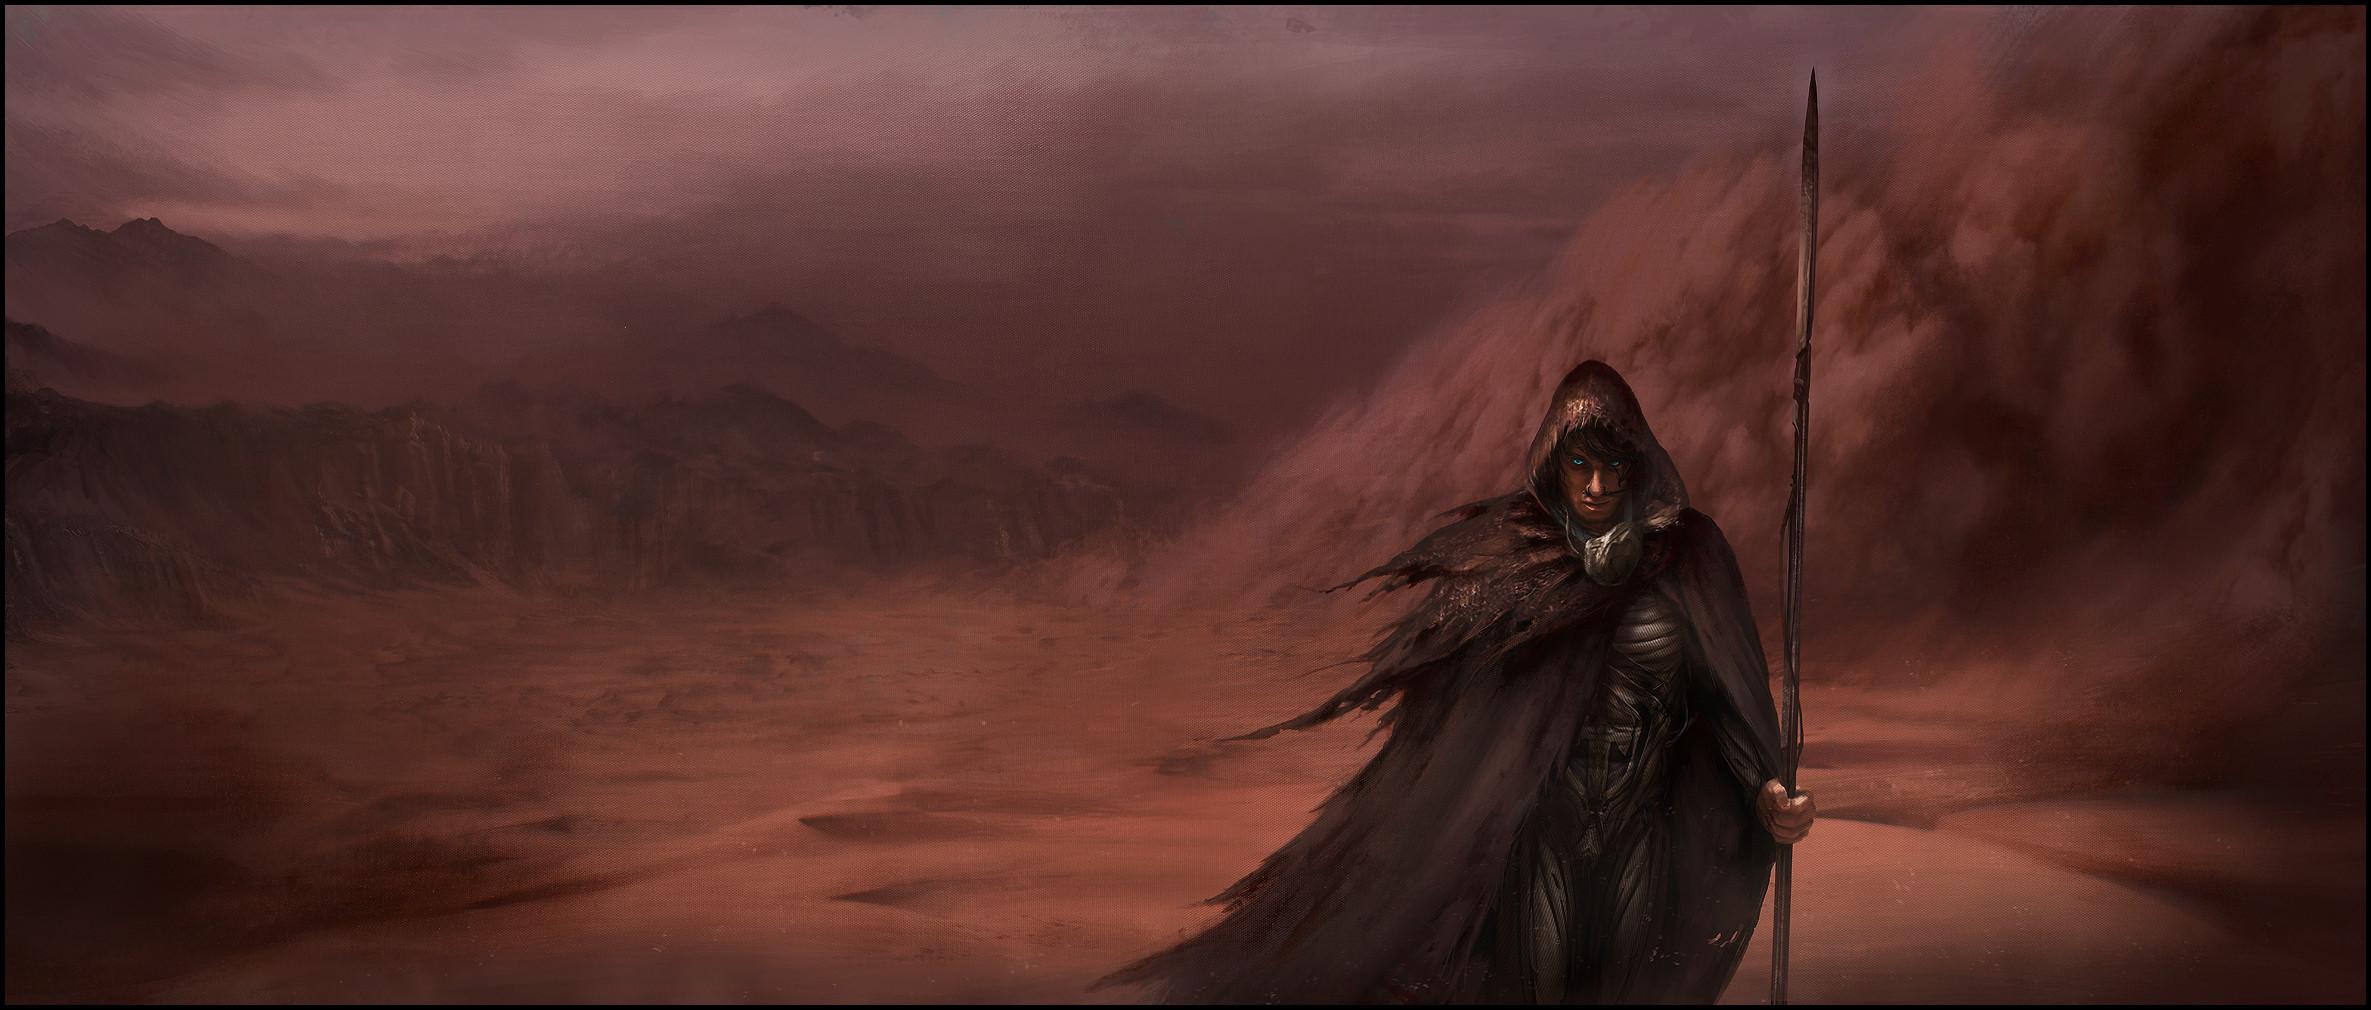 Cover for Frank Herbert's Dune © Centipede Press